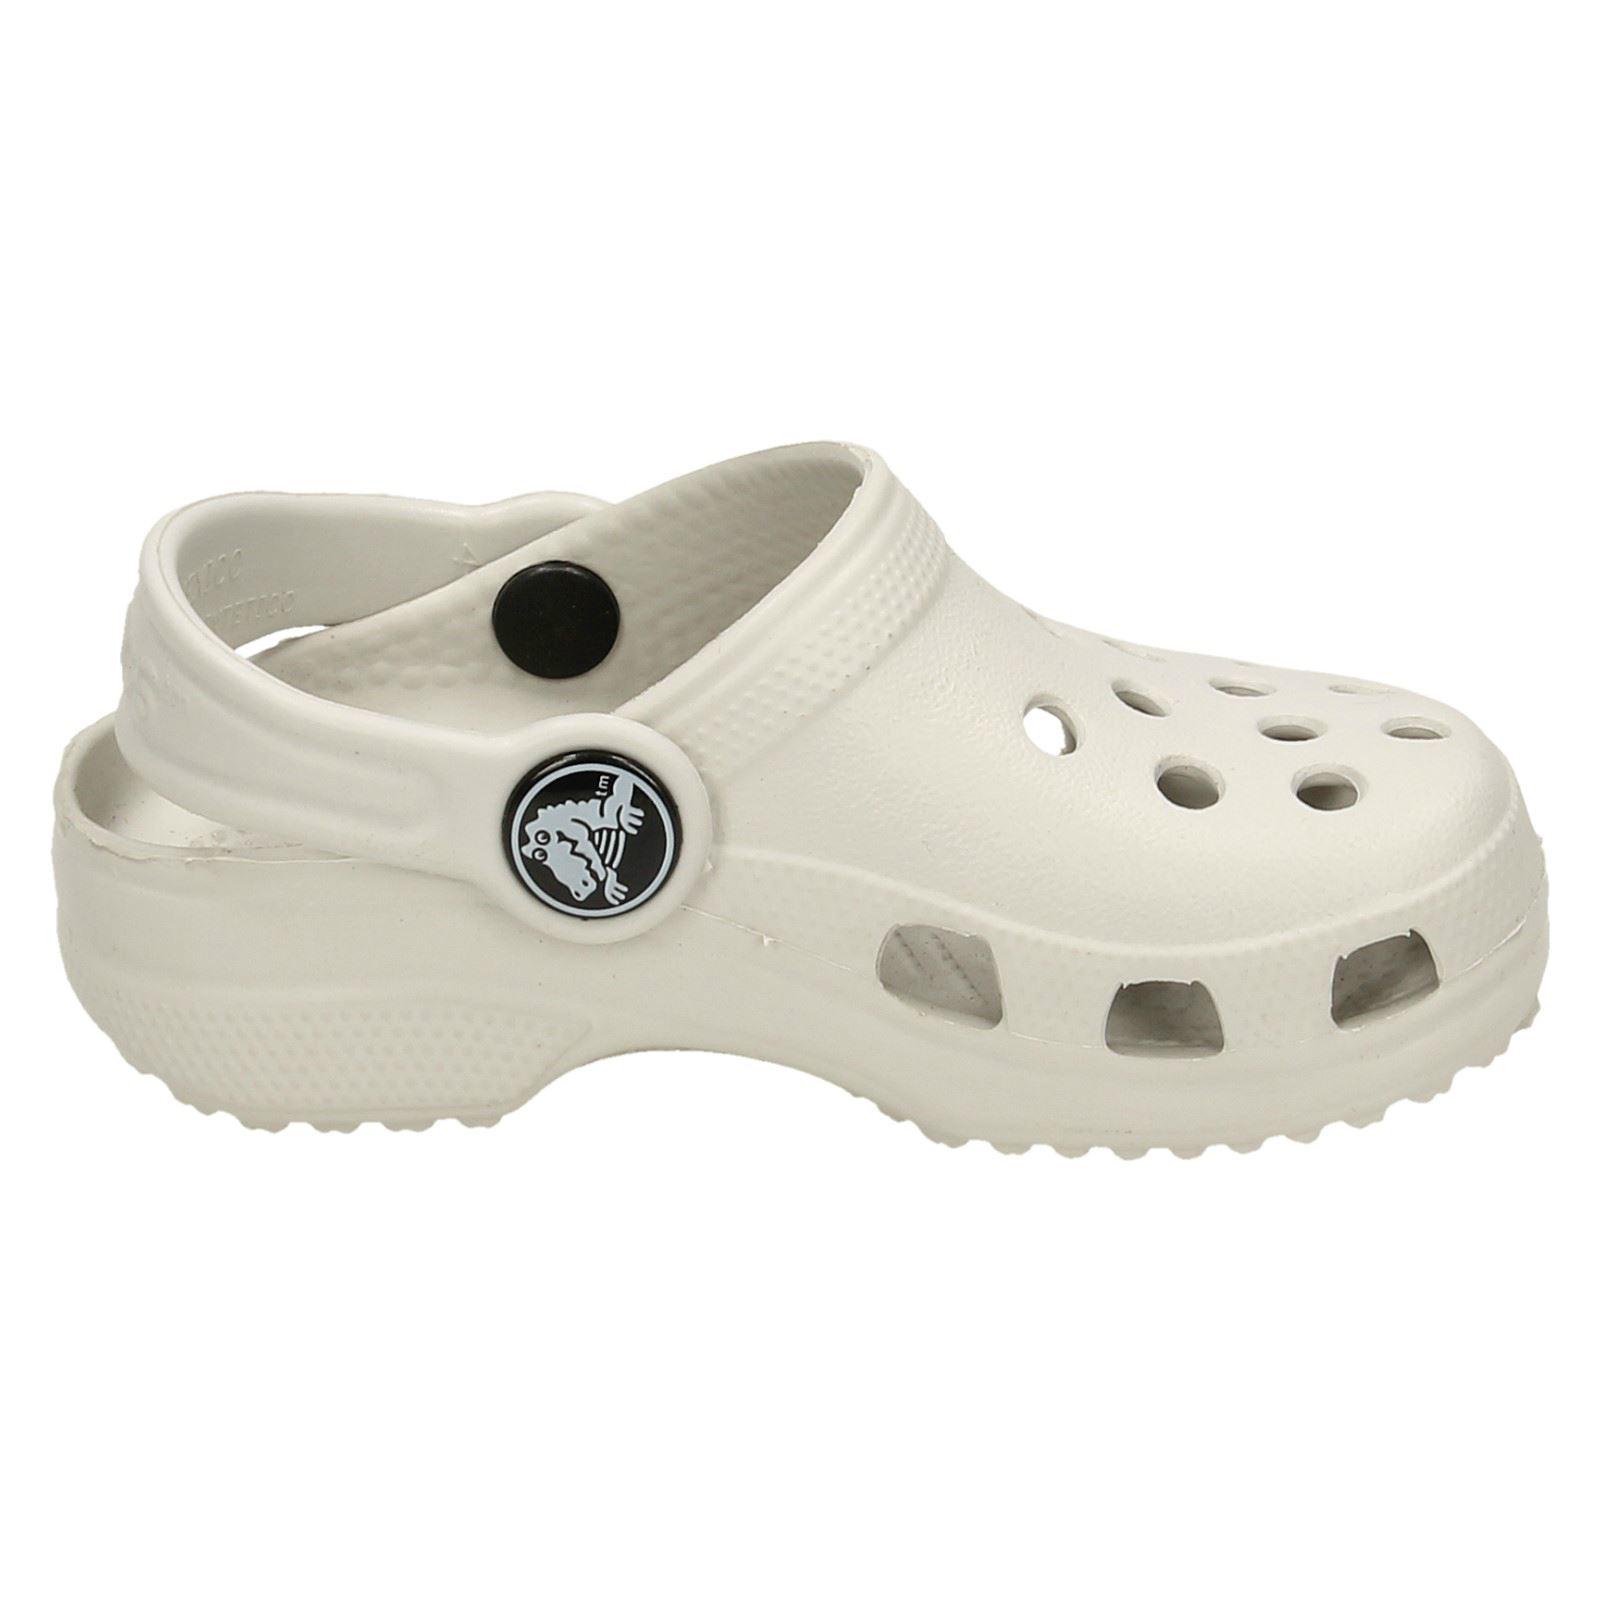 Croc Girls Sandals Crocs Kids Classic